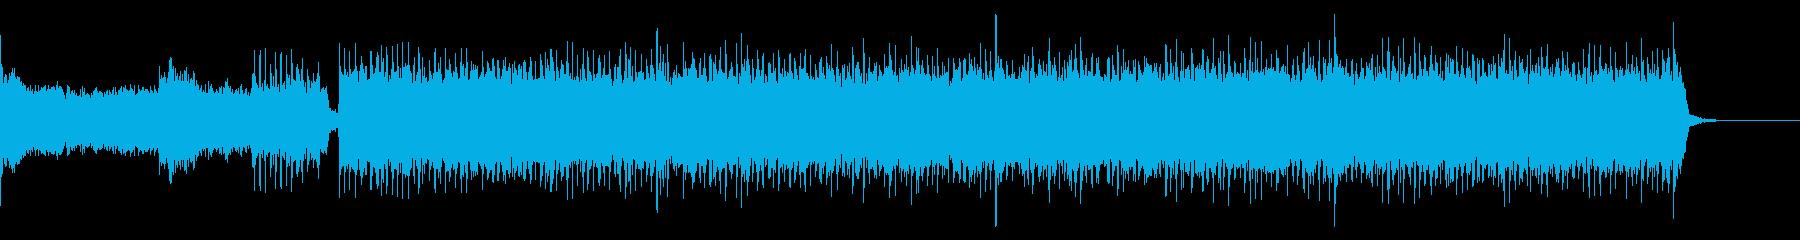 緊迫ボス戦闘シーンC  シンプルの再生済みの波形